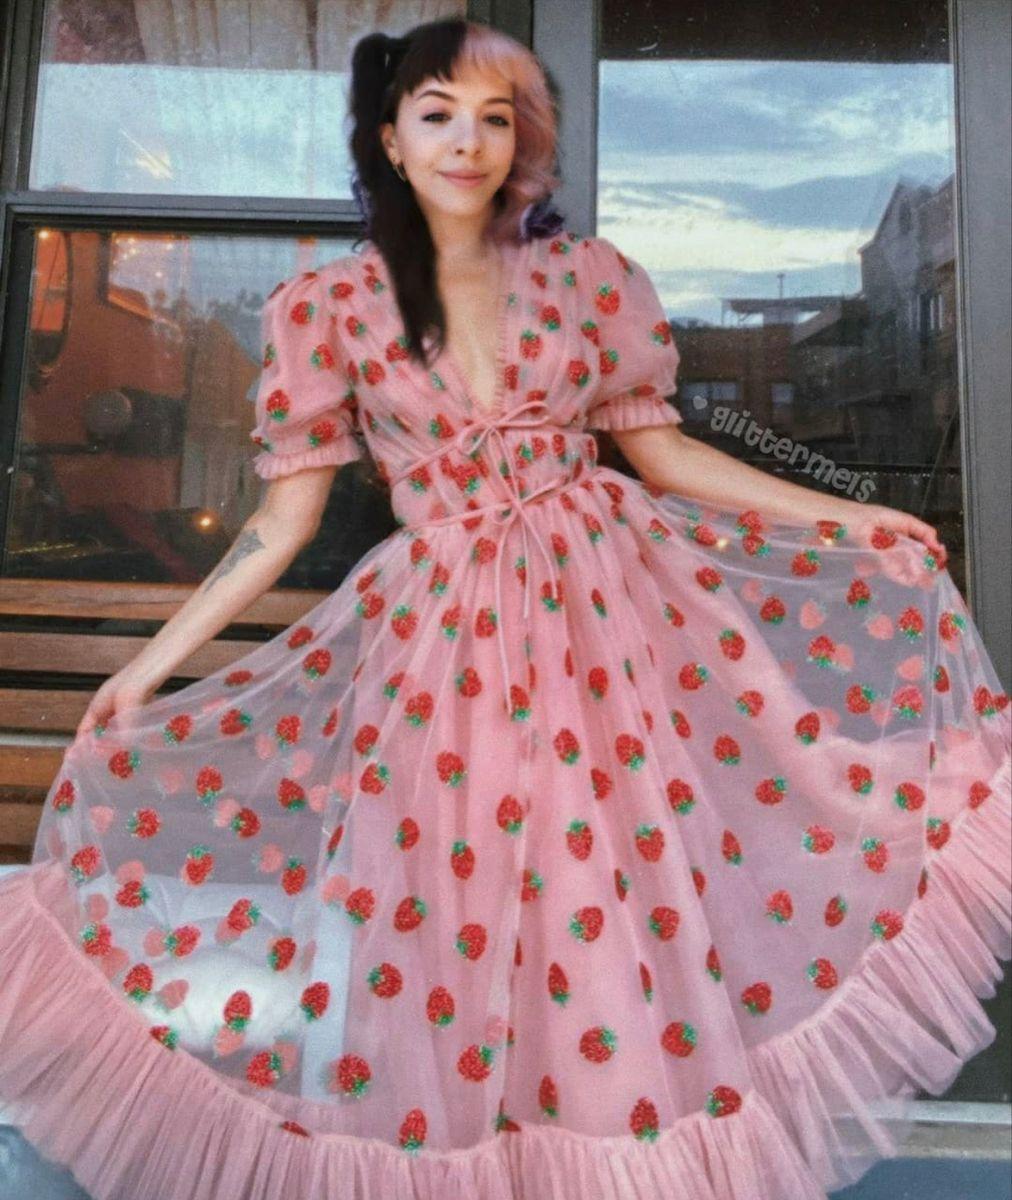 Melanie Martini Melanie Martinez Style Melanie Martinez Outfits Melanie Martinez